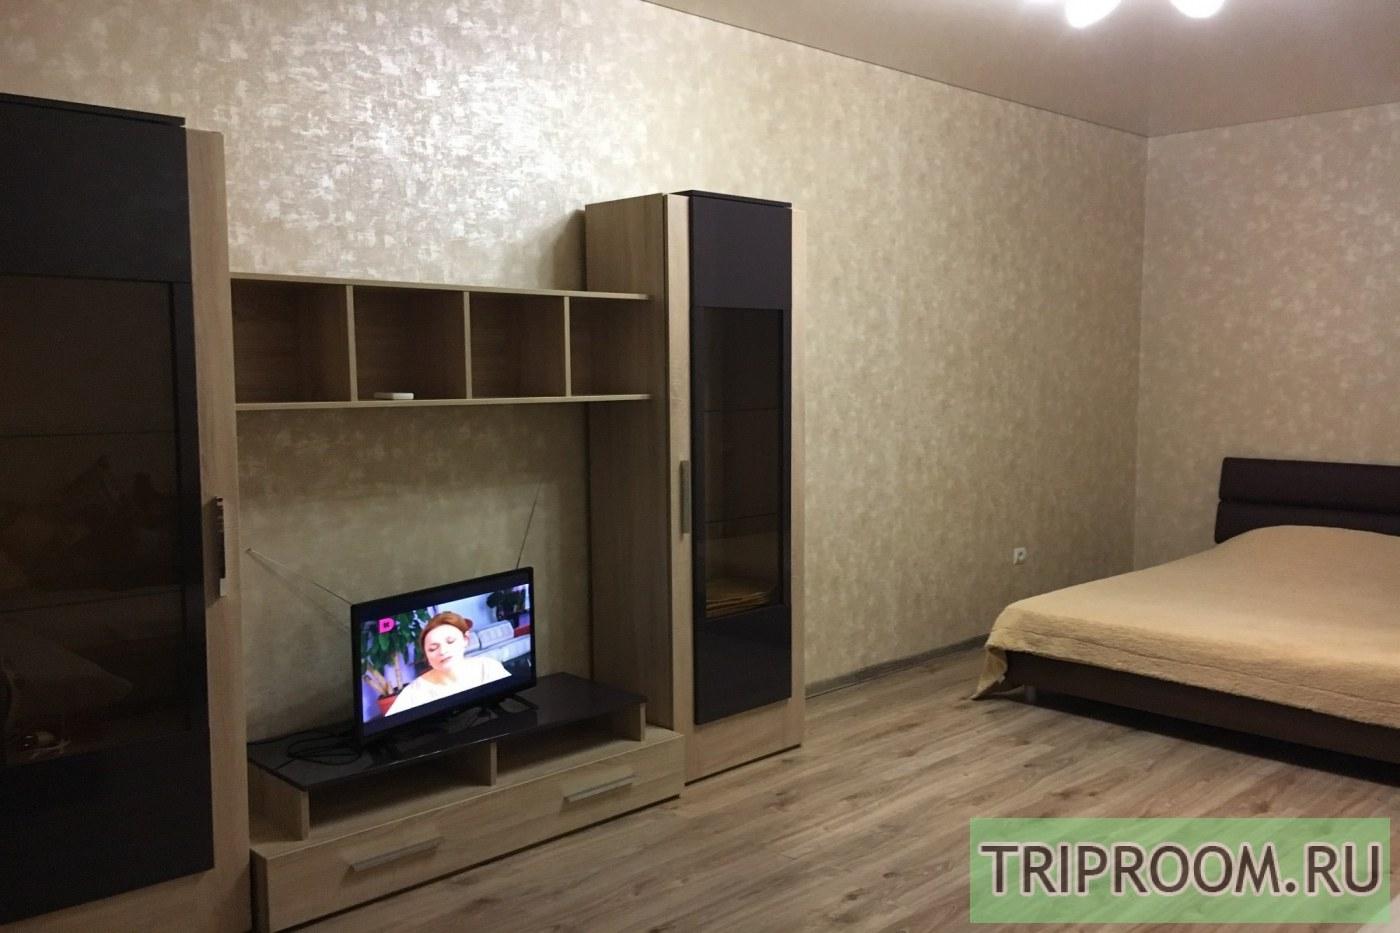 1-комнатная квартира посуточно (вариант № 37485), ул. Восточно-Кругликовская улица, фото № 1